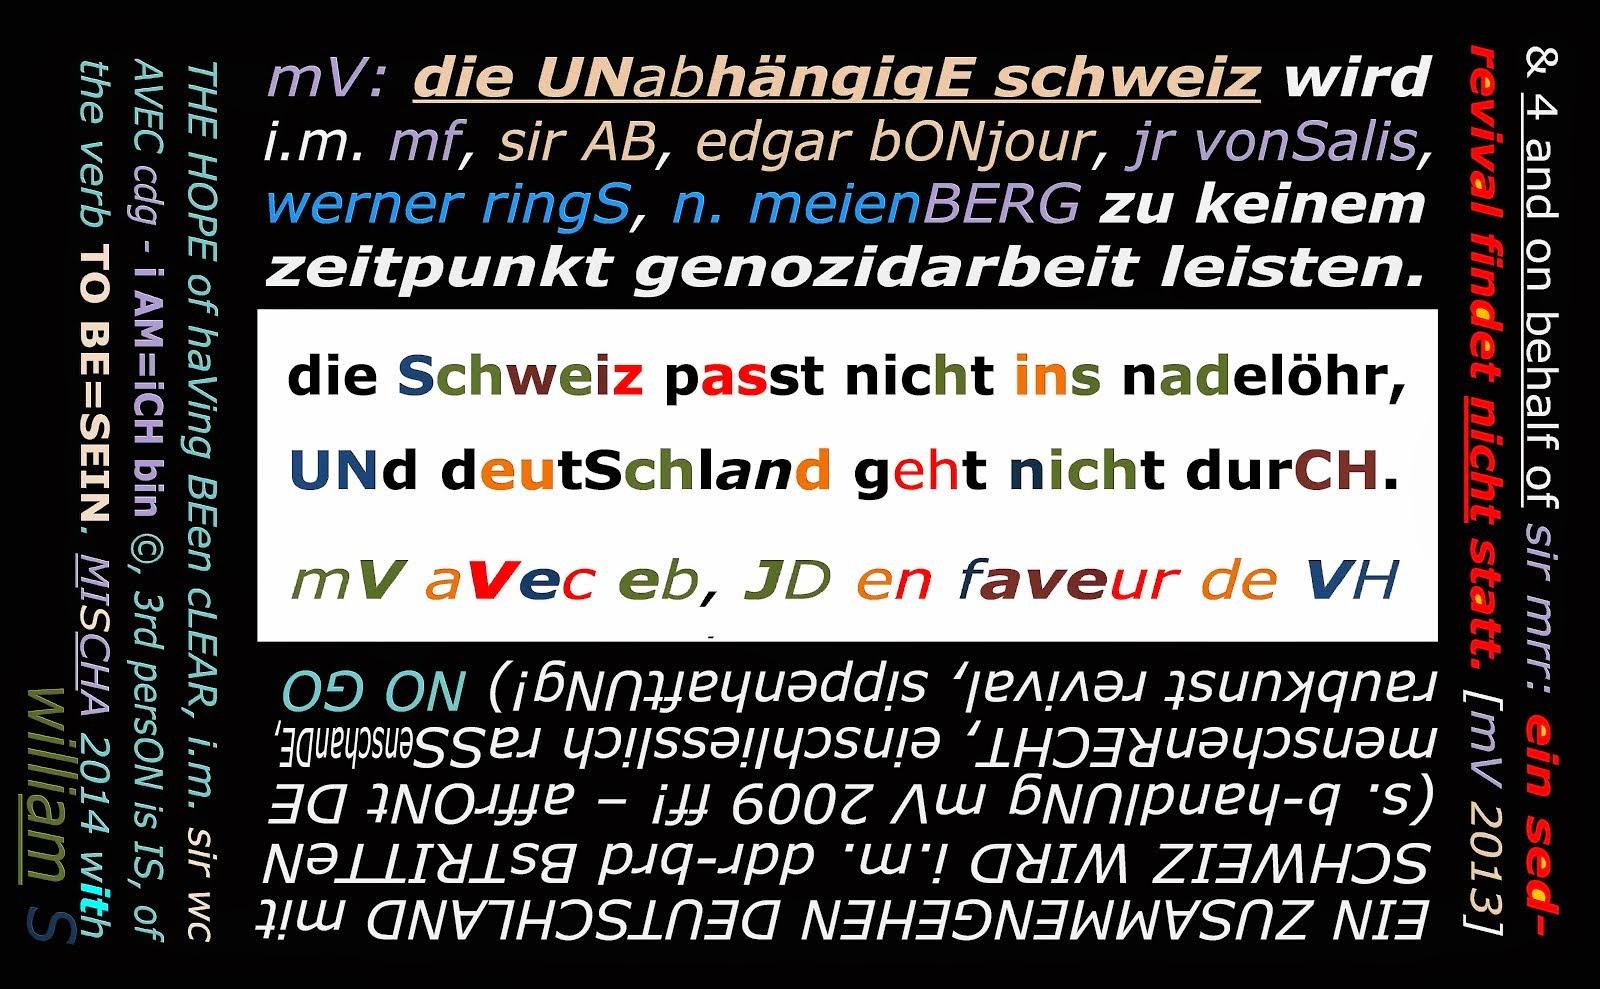 schweiz deutschland übernahmepläne mrr mischa vetere DIE GEISTIGE REVOLUTION SHAKESPEARE in, VH